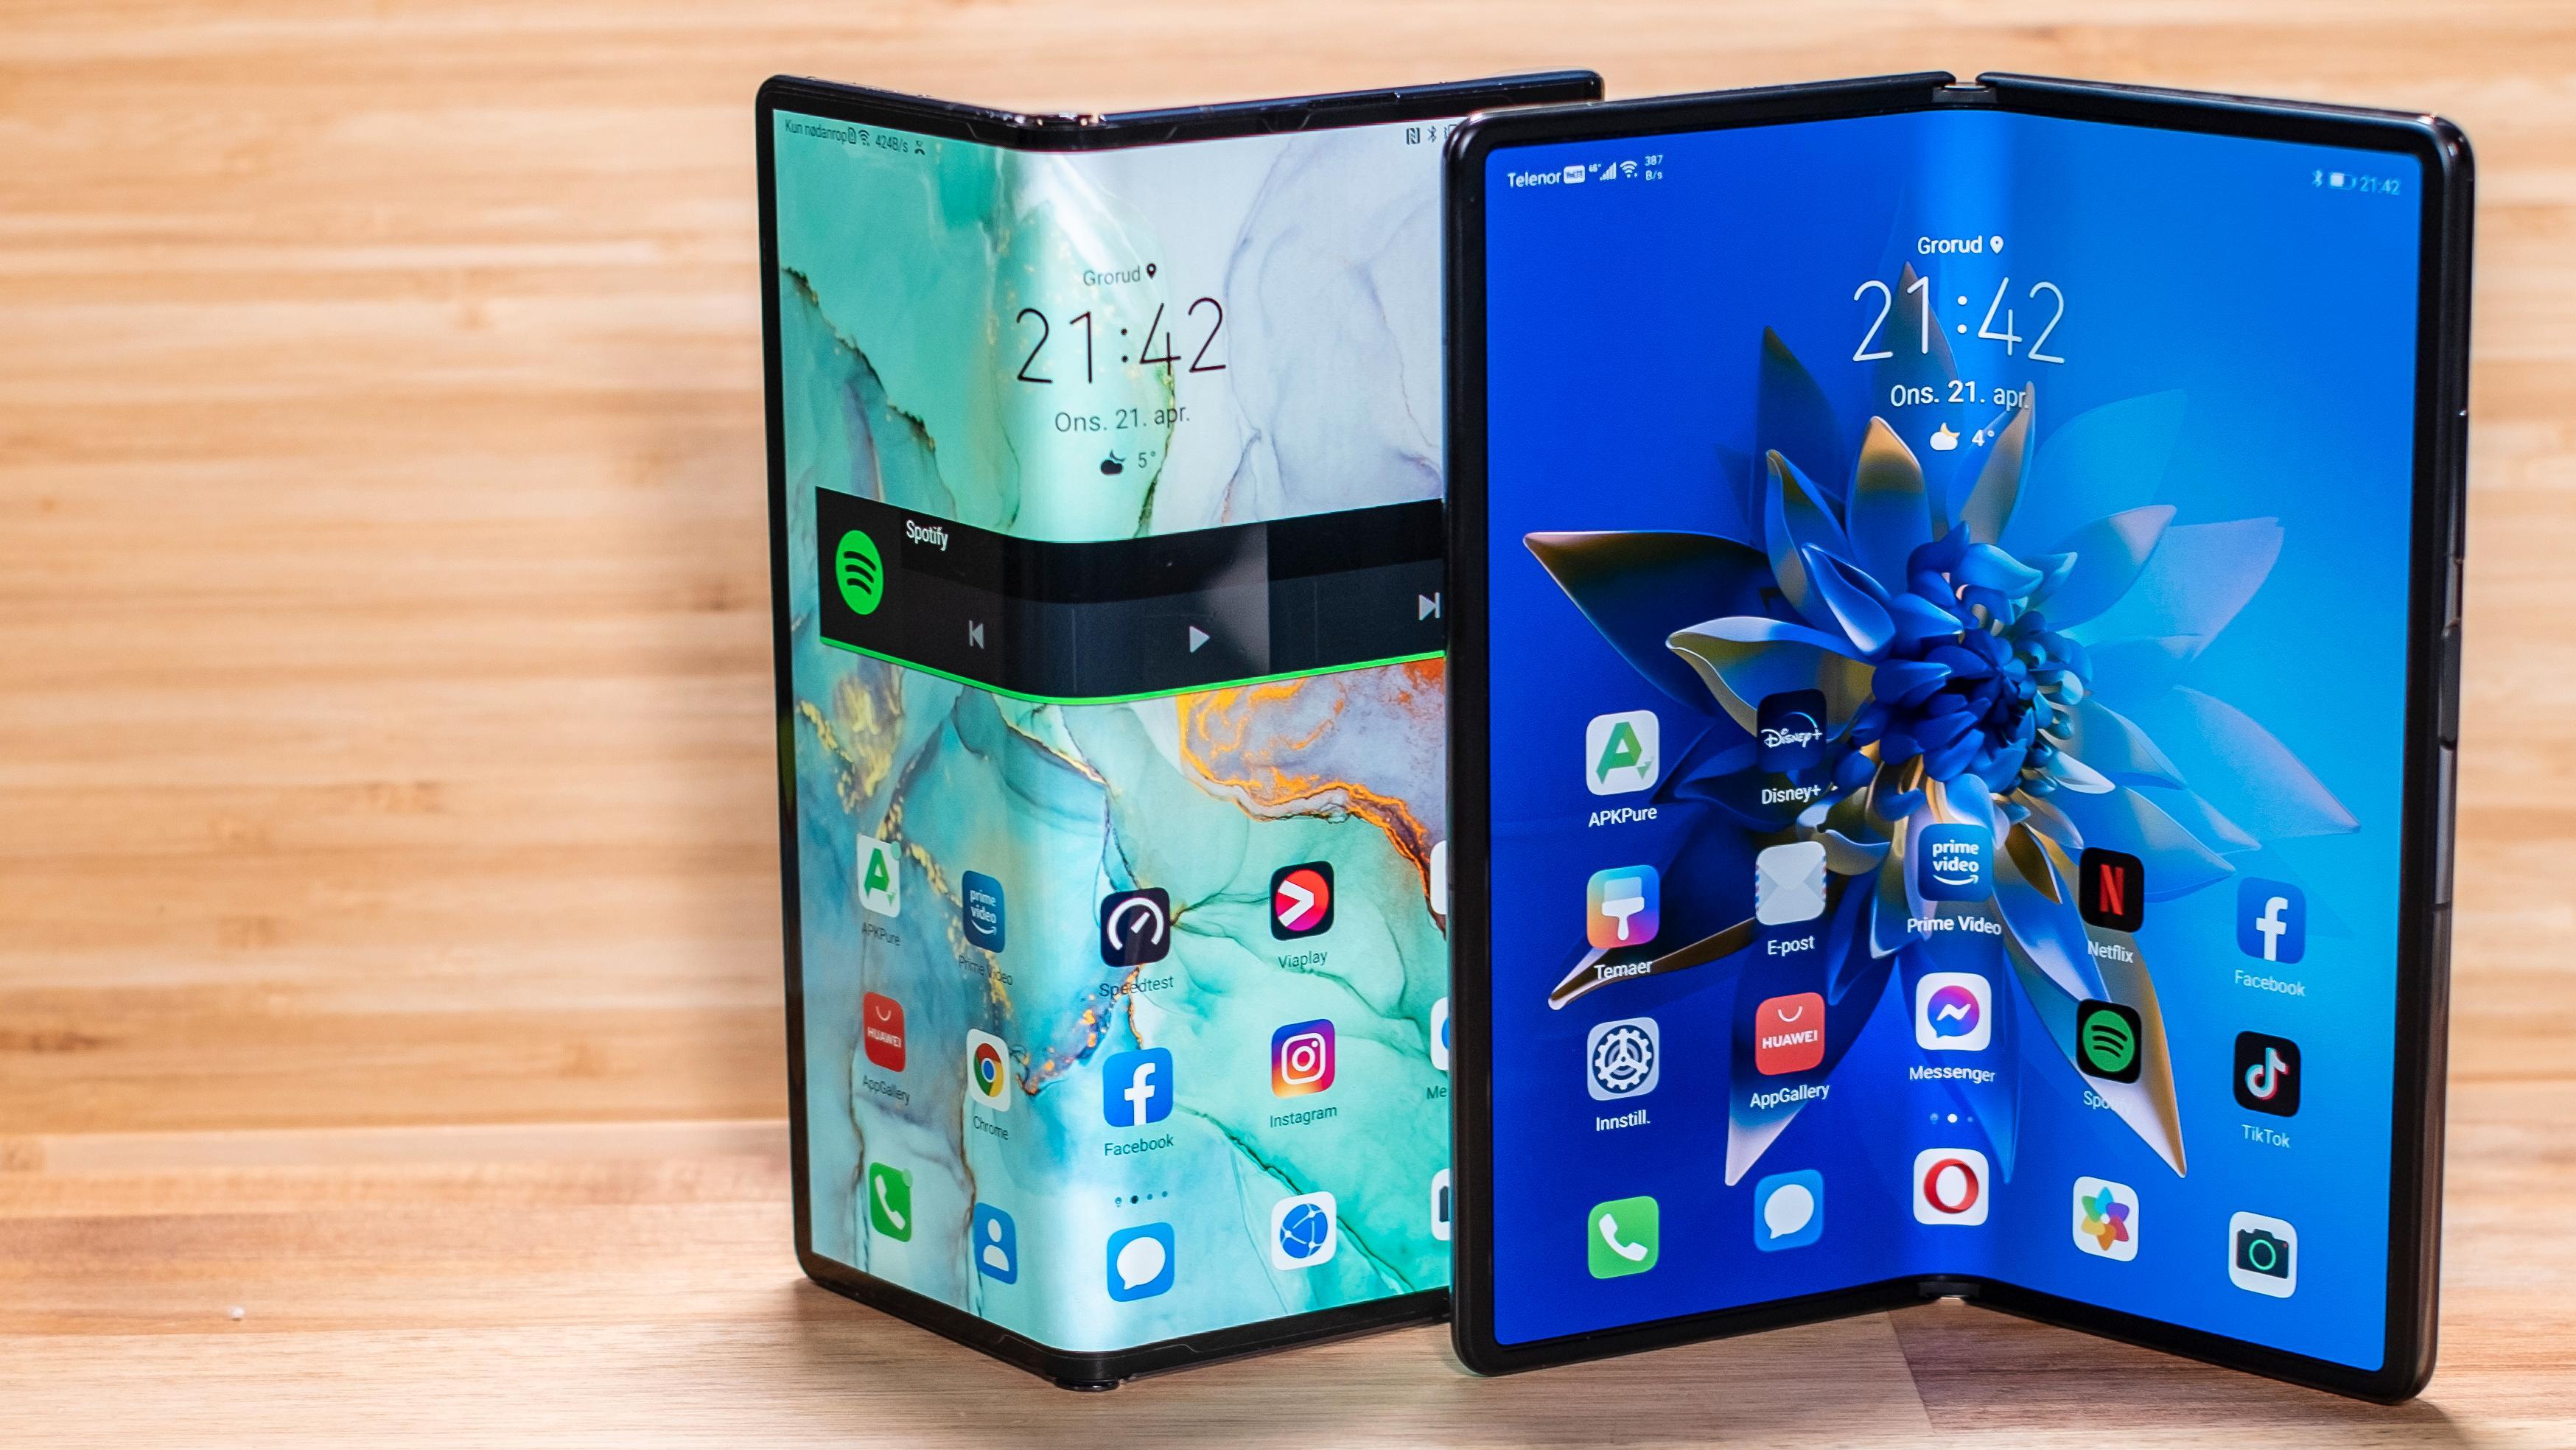 Huawei Mate Xs til venstre hadde kun én skjerm - en bretteskjerm på utsiden av telefonen. Nye Mate X2 til høyre, har innvendig bretteskjerm som er beskyttet mot elementene.